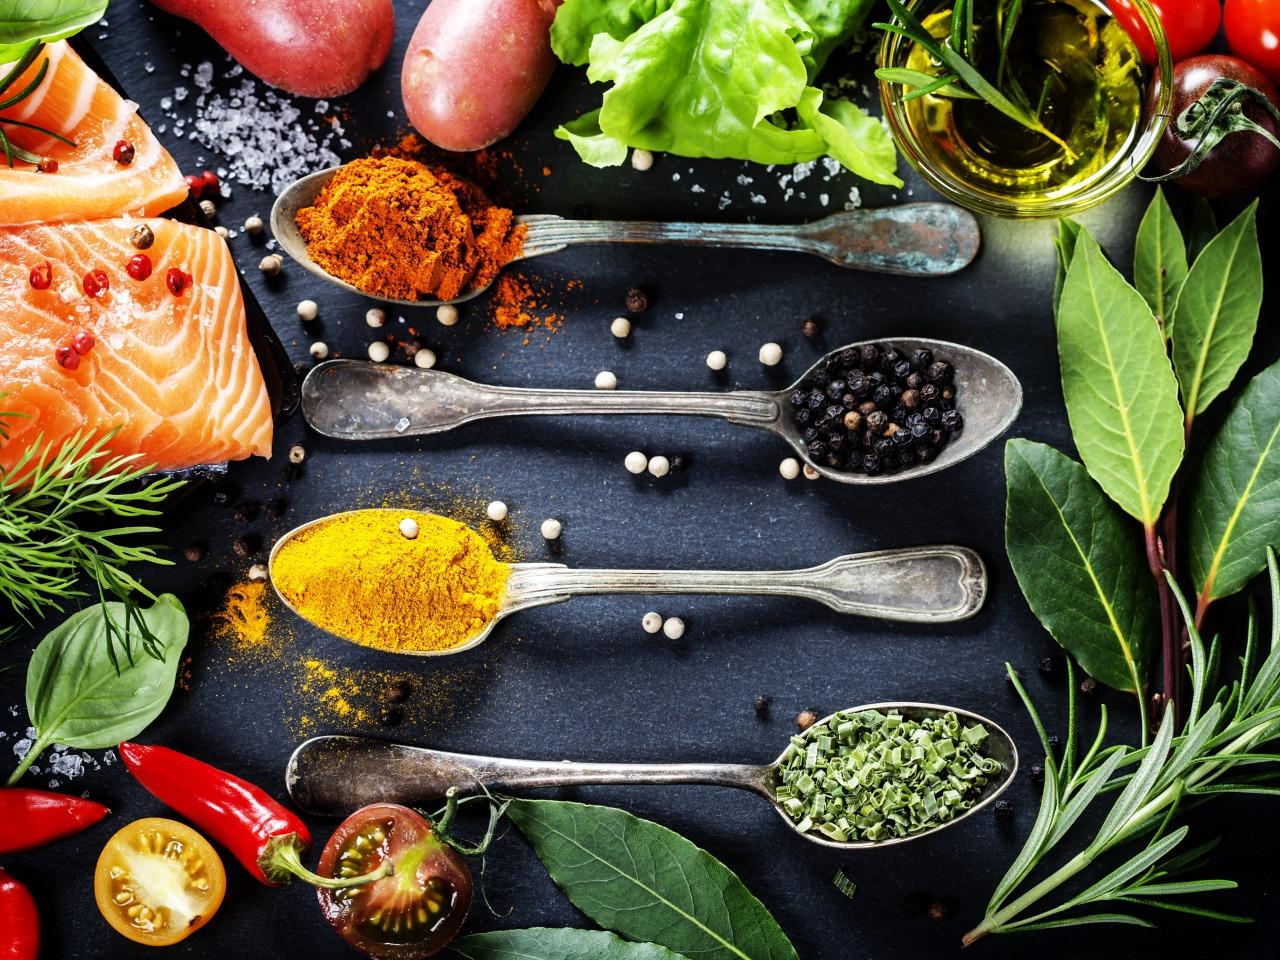 Пополним запасы? Настоящие специи и приправы: широкий ассортимент по доступным ценам. Черная соль. Каши и мука для здорового питания. Выкуп 9.